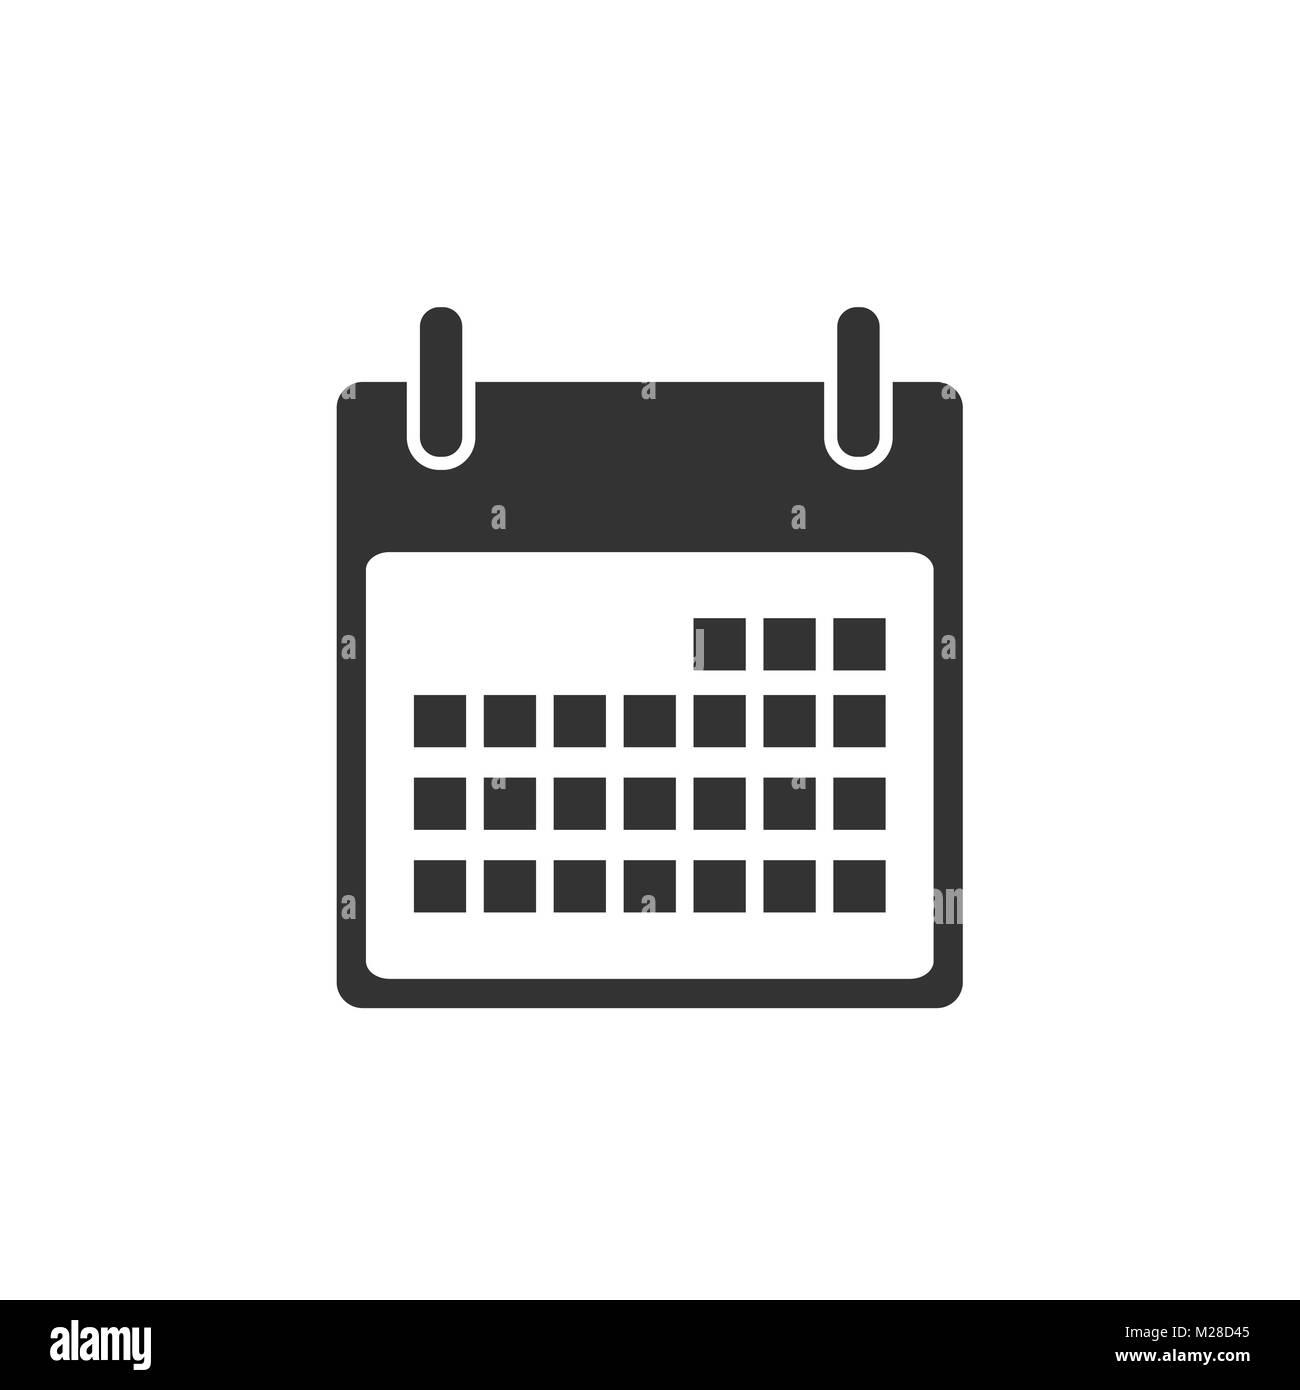 Calendario Vector Blanco.Calender Icon On White Background Vector Stock Photo